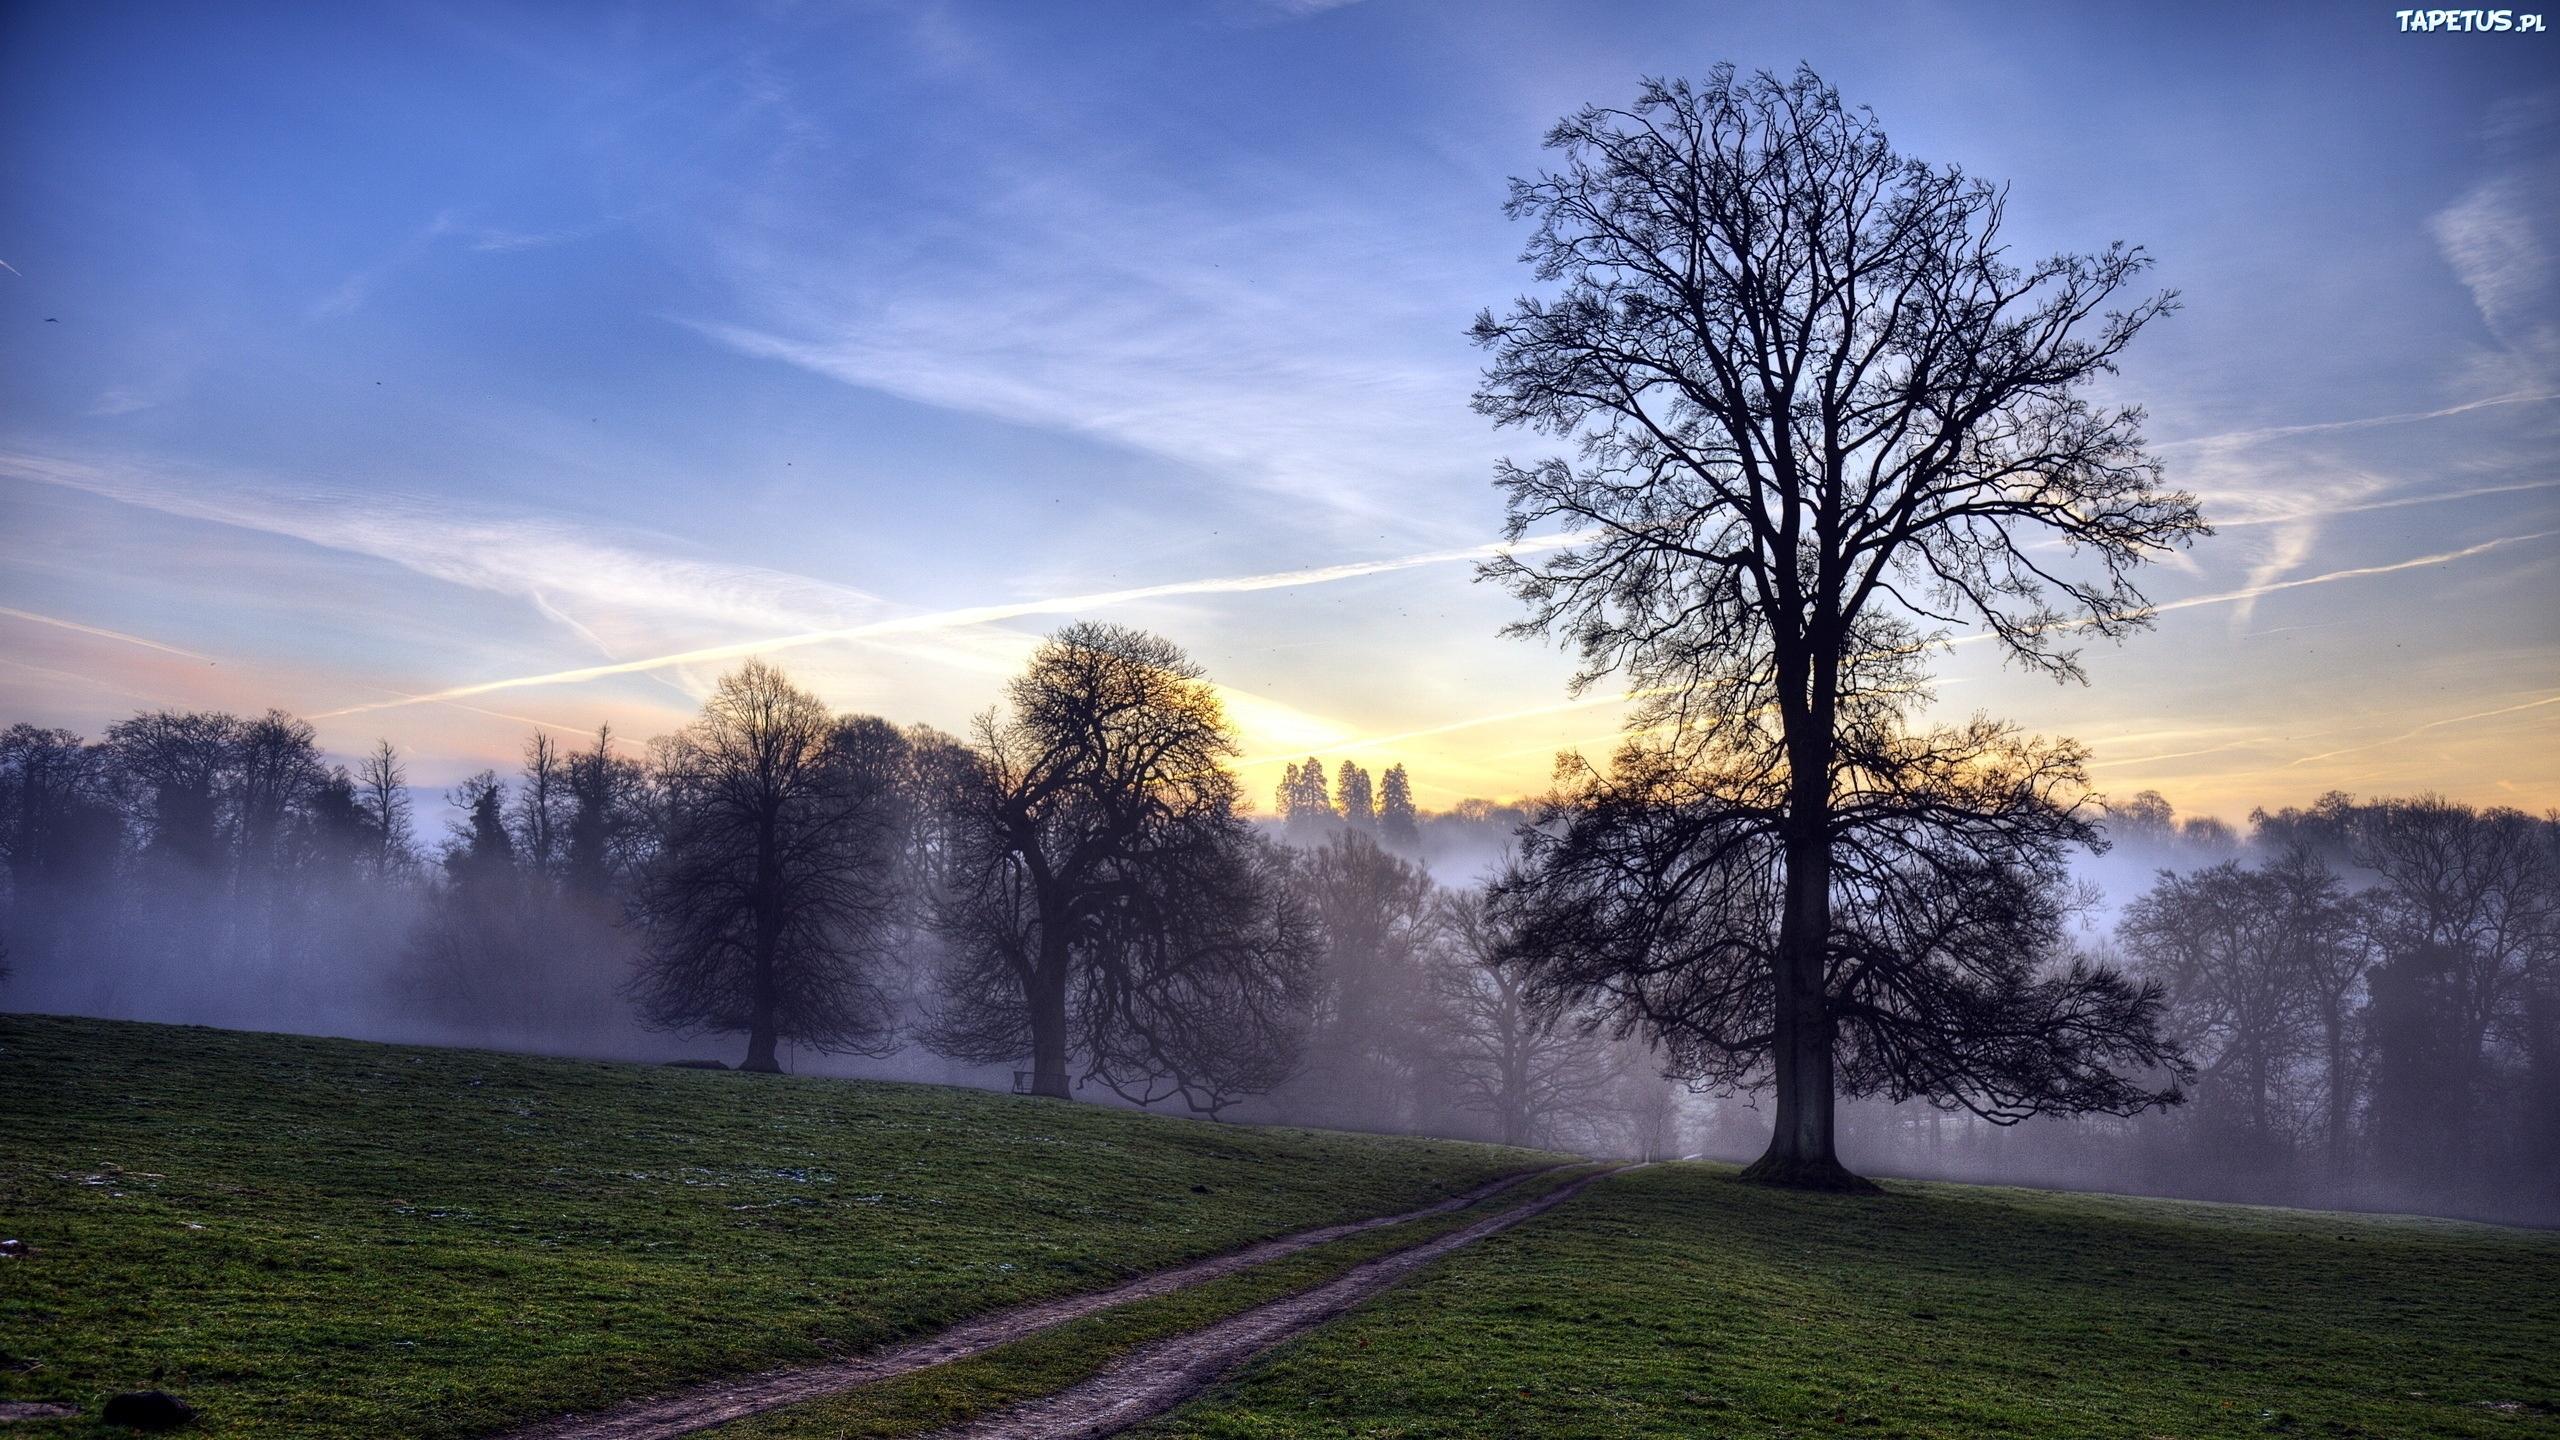 поле туман вечер бесплатно